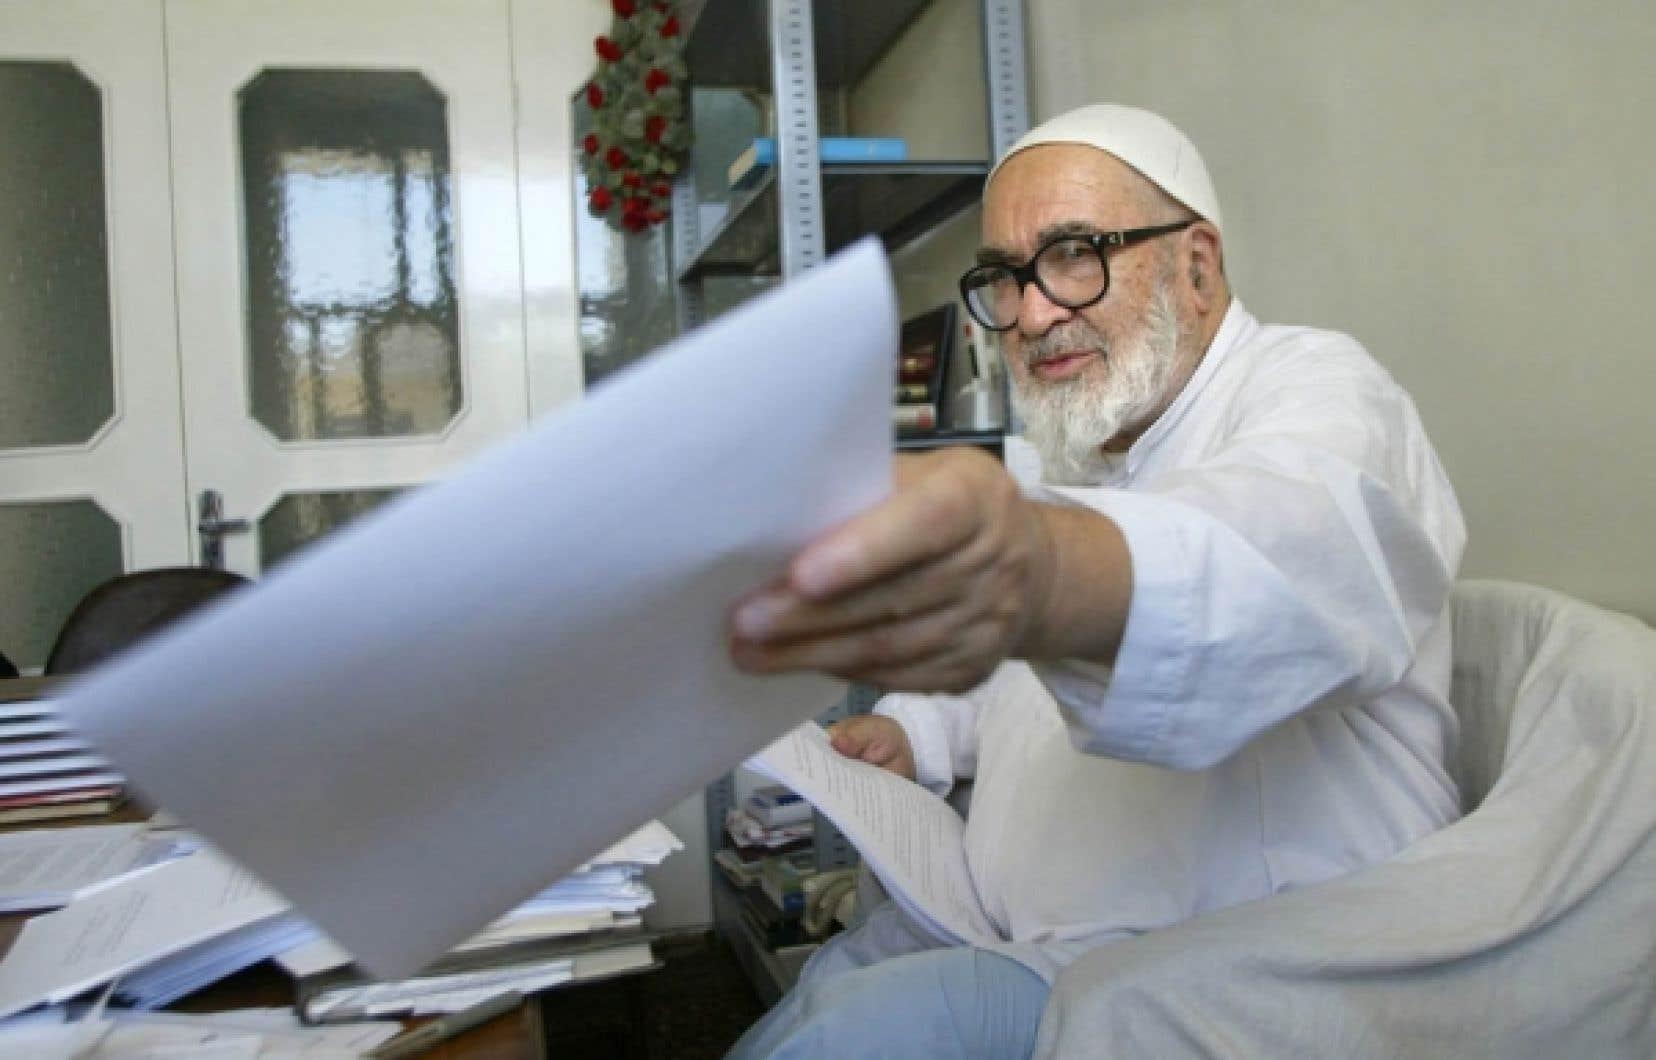 L'ayatollah Hossein Ali Montazeri s'est engagé ouvertement contre Ahmadinejad, estimant que la République islamique était en danger avec lui.